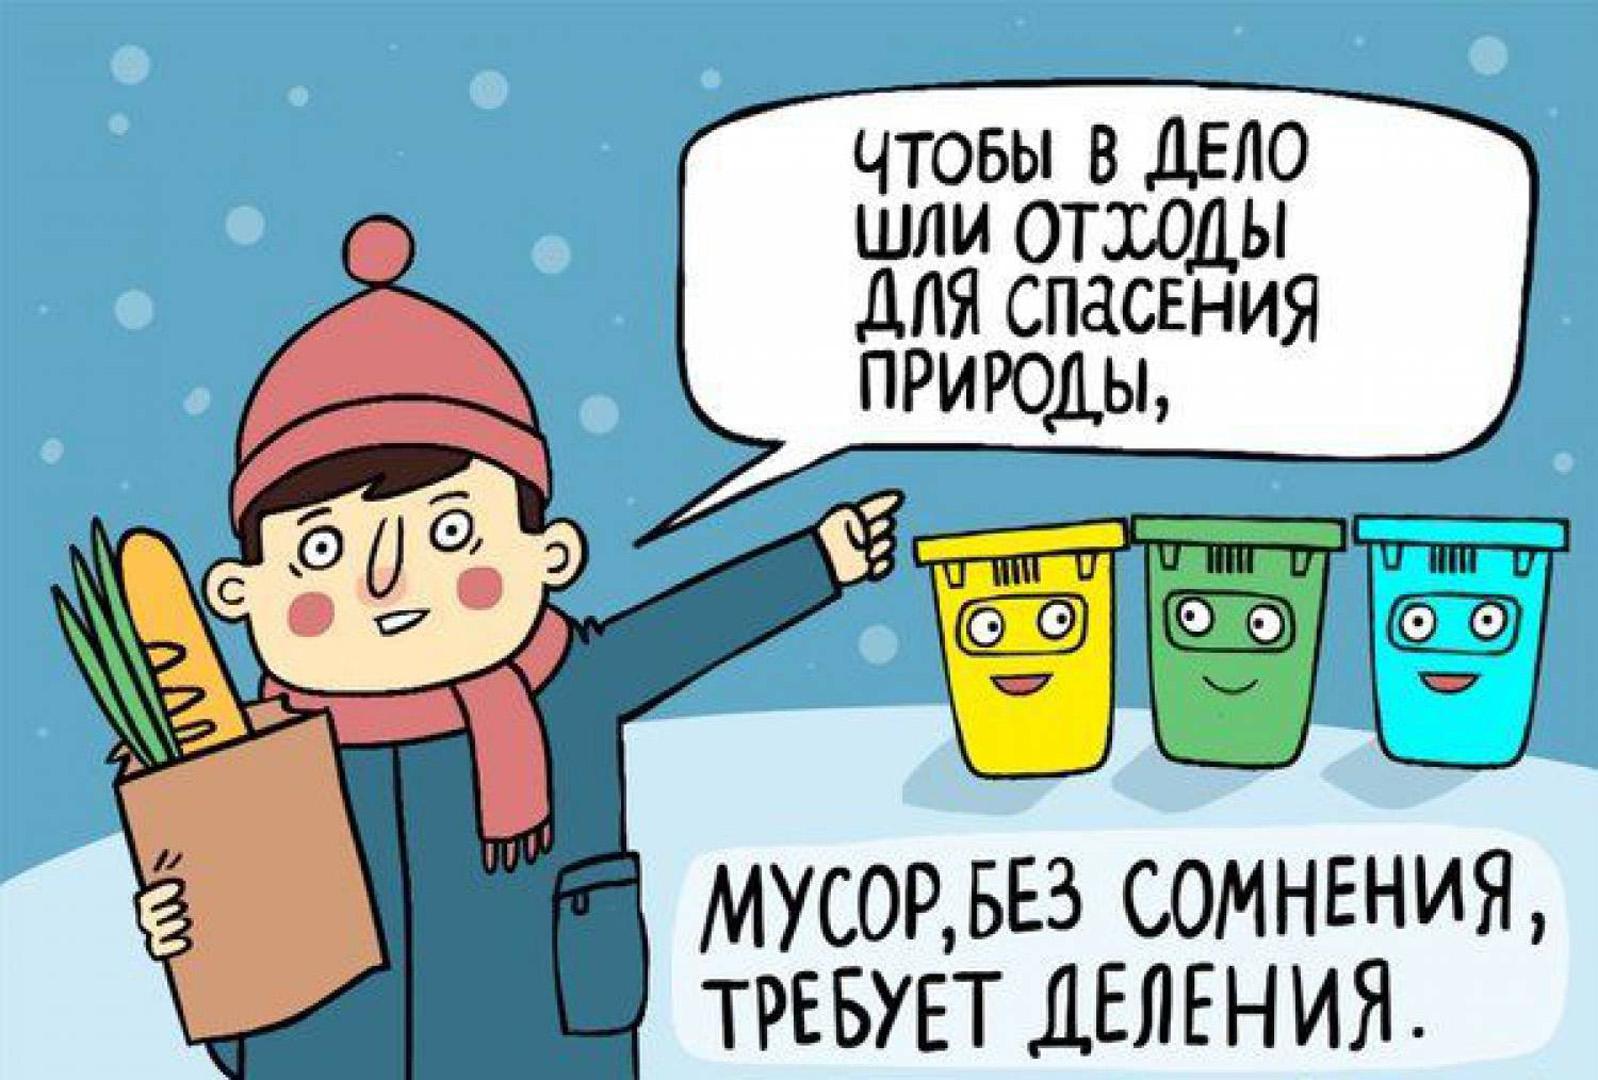 Научись разделять мусор!